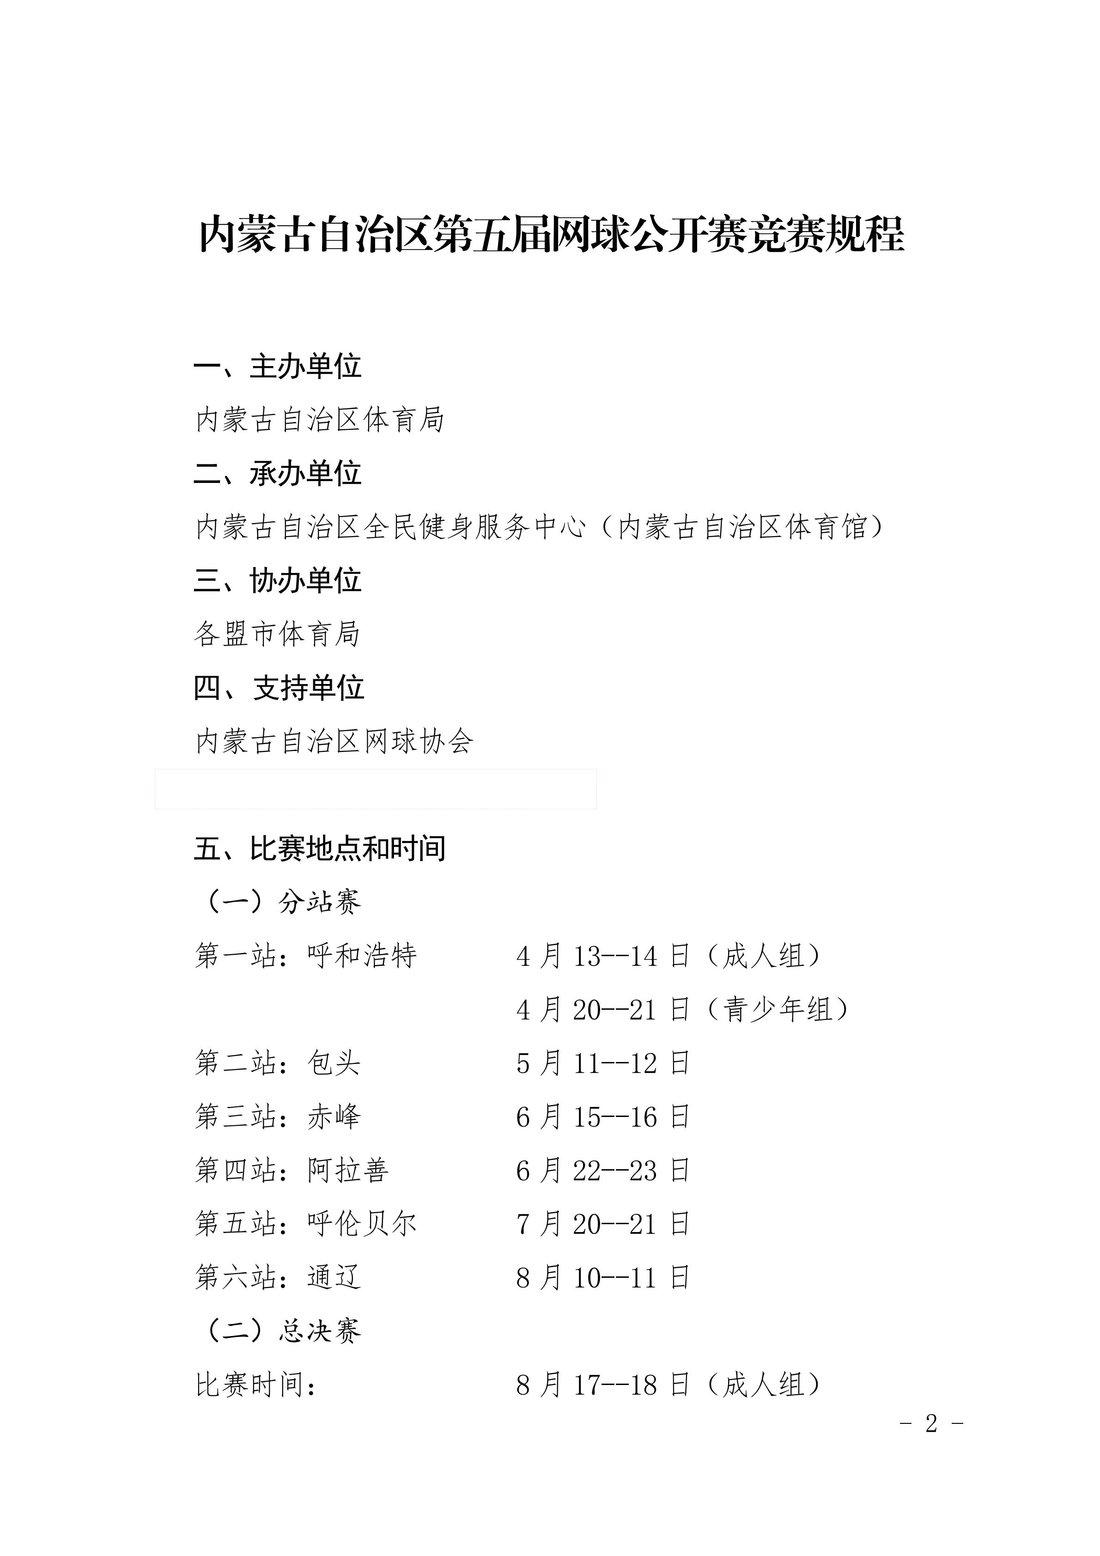 第五届网球公开赛竞赛规程_01.jpg